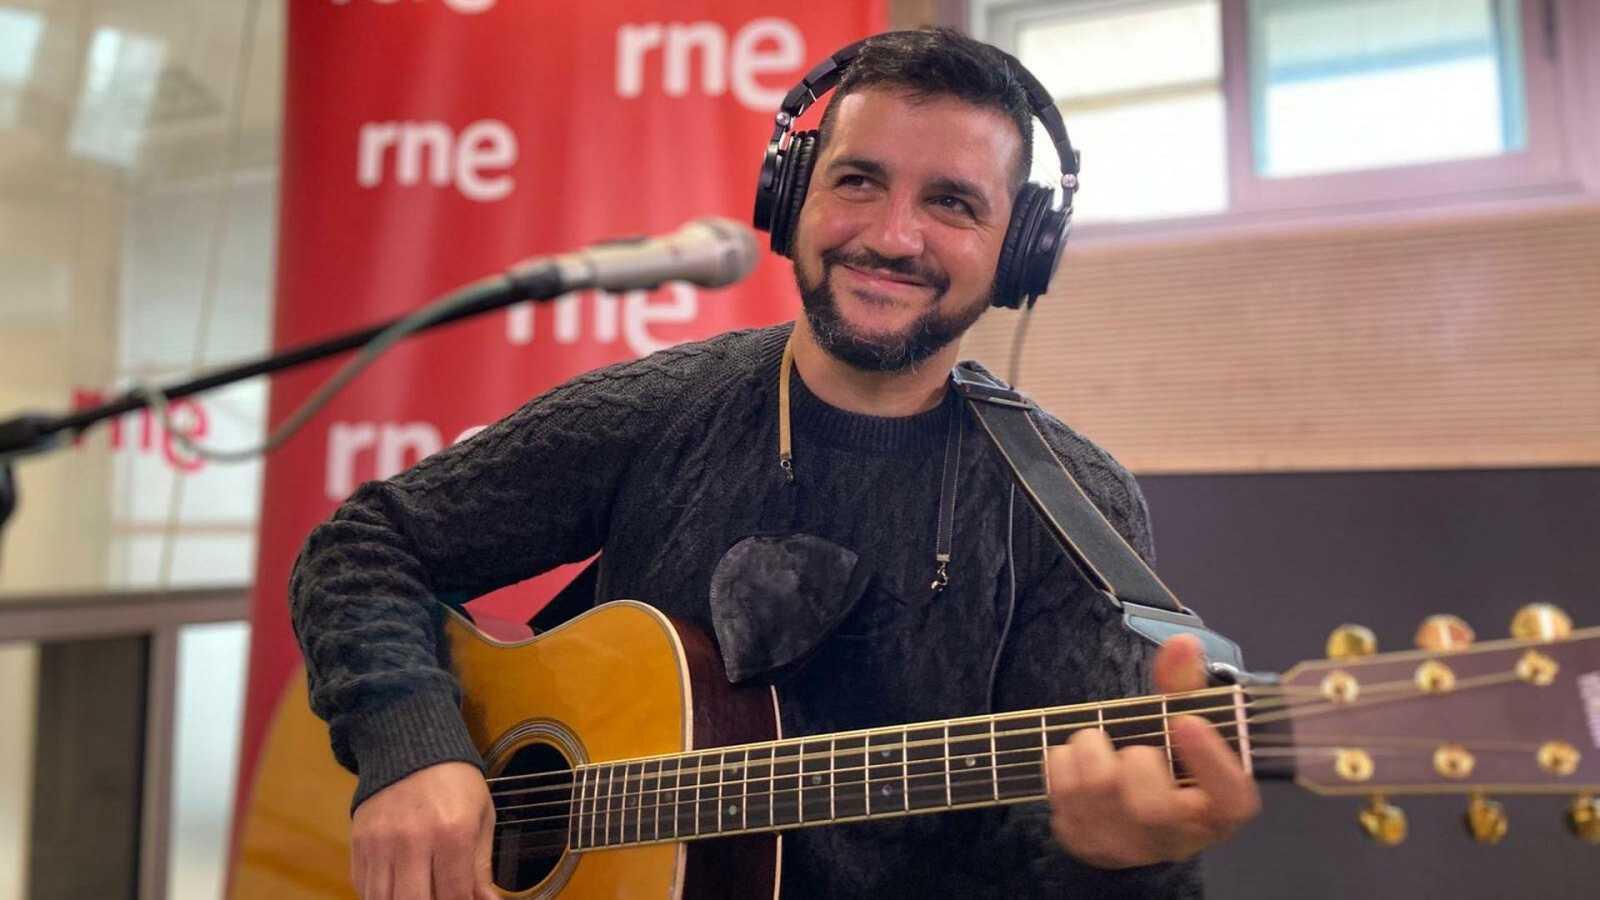 Las mañanas RNE con Pepa Fernández - Segunda hora - 24/11/20 - escuchar ahora